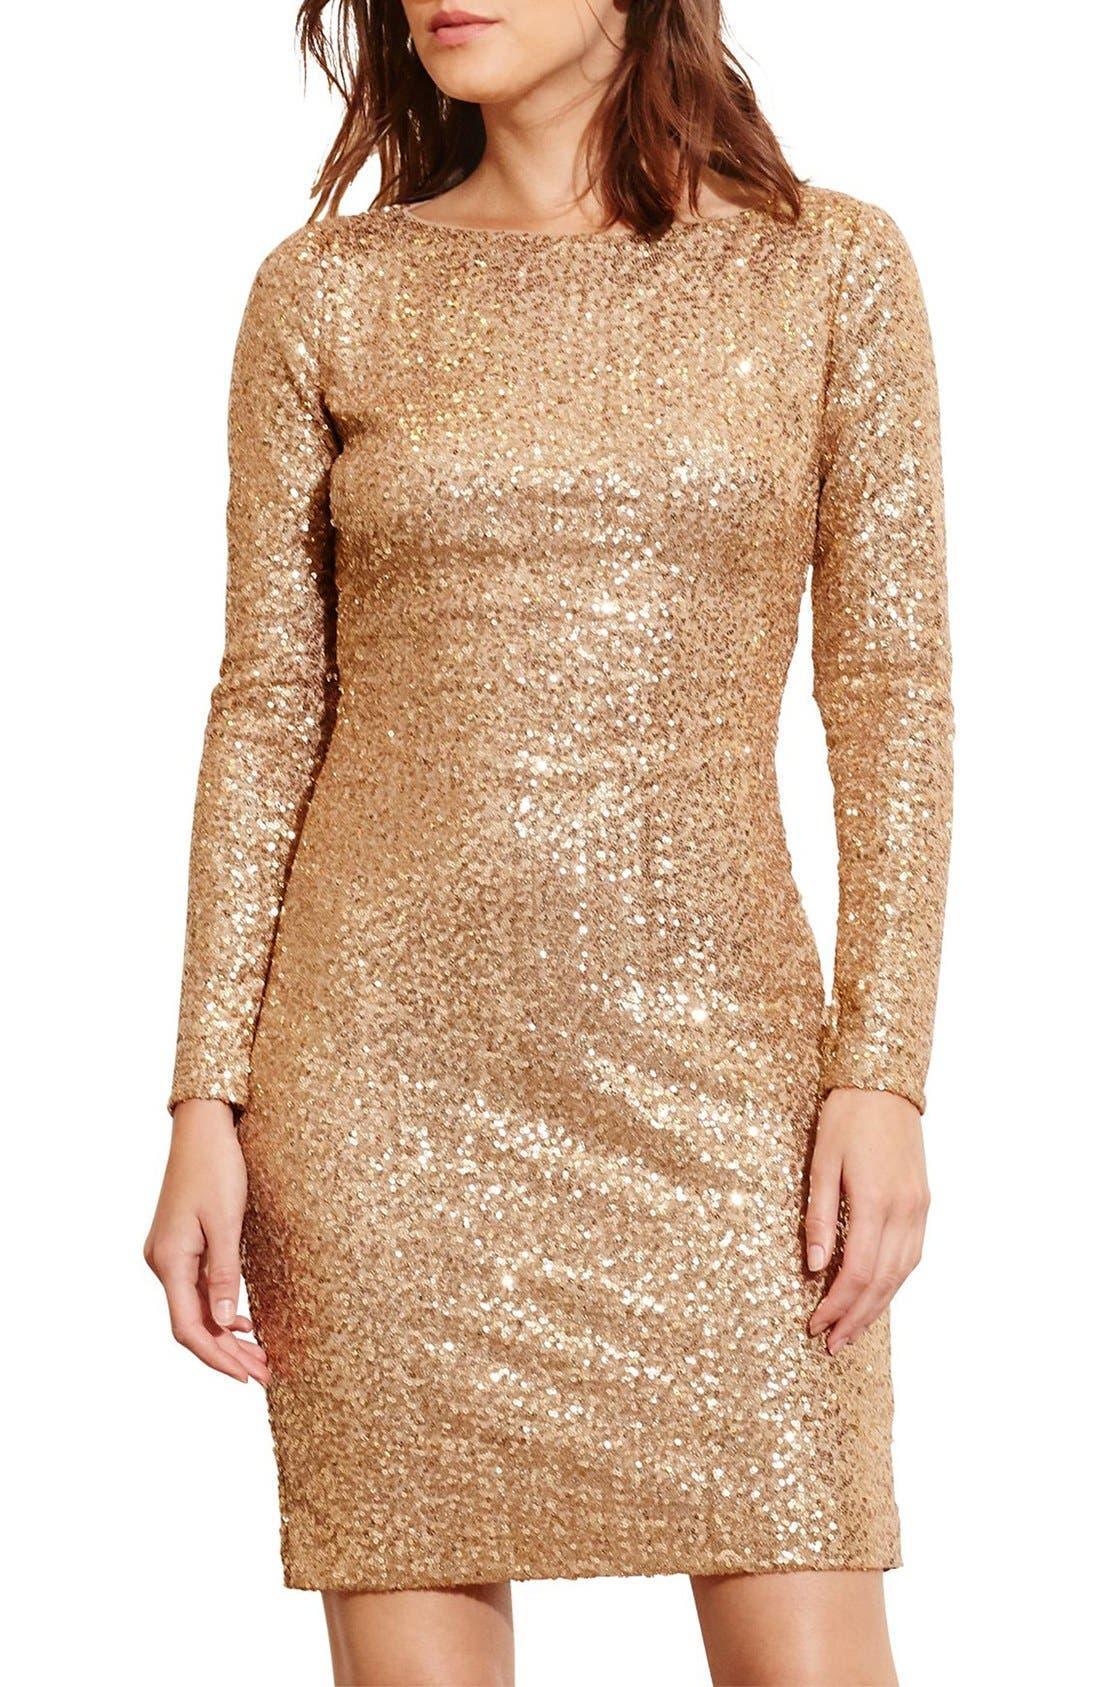 Alternate Image 1 Selected - Lauren Ralph Lauren Backless Sequin Dress (Petite)